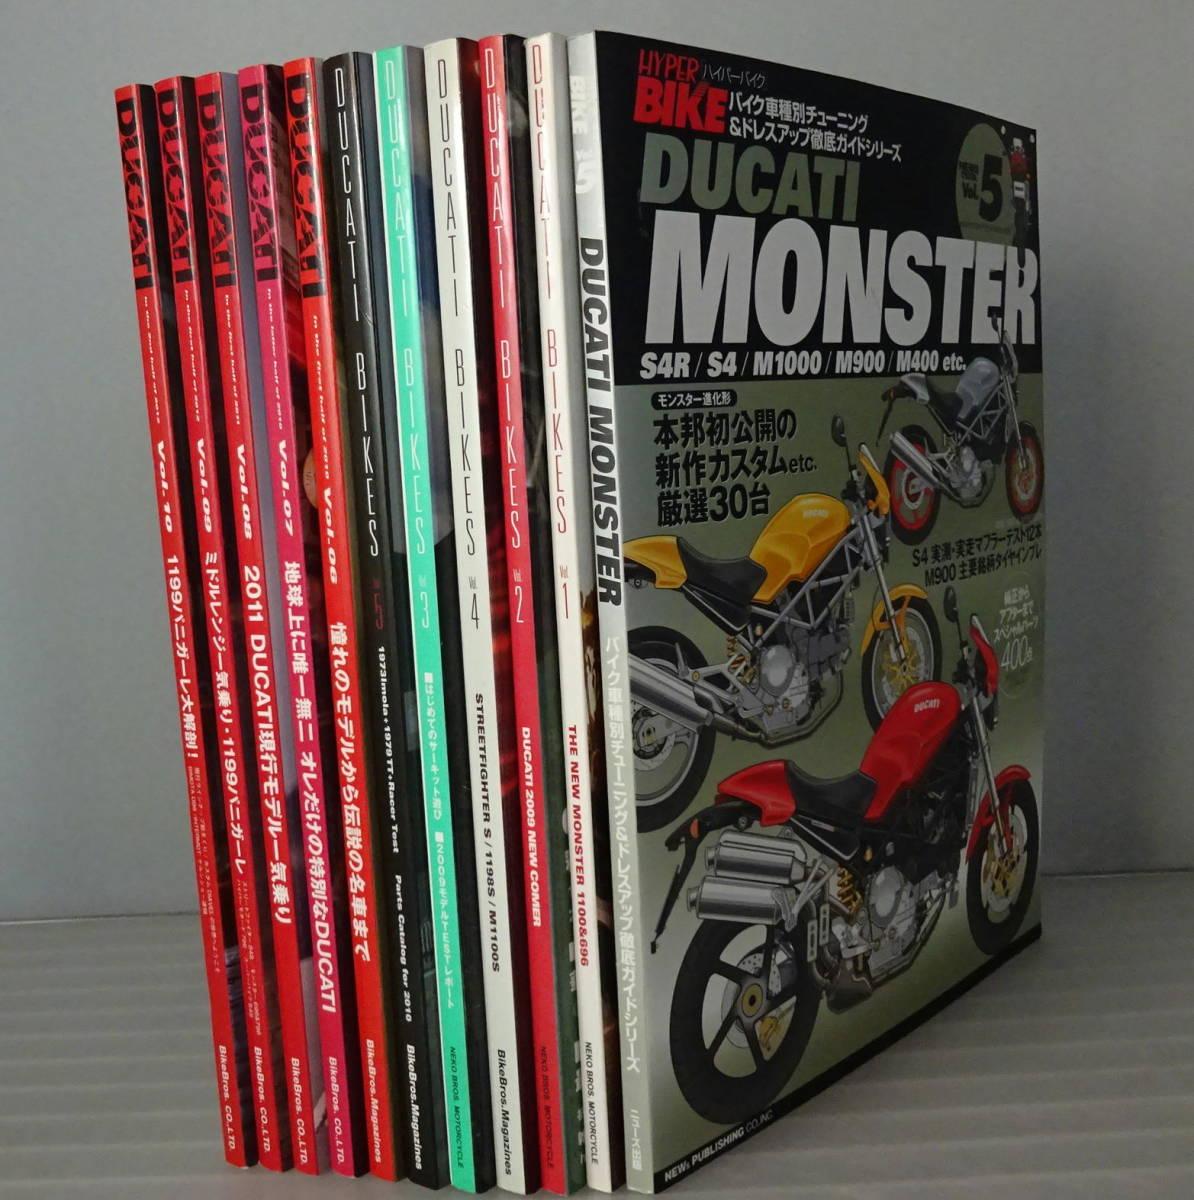 DUCATI BIKES (ドゥカティバイクス) Vol.1~10 10冊セット+【HYPER BIKE Vol.5】 Ducati monster S4R/S4/M1000/M400 etc.